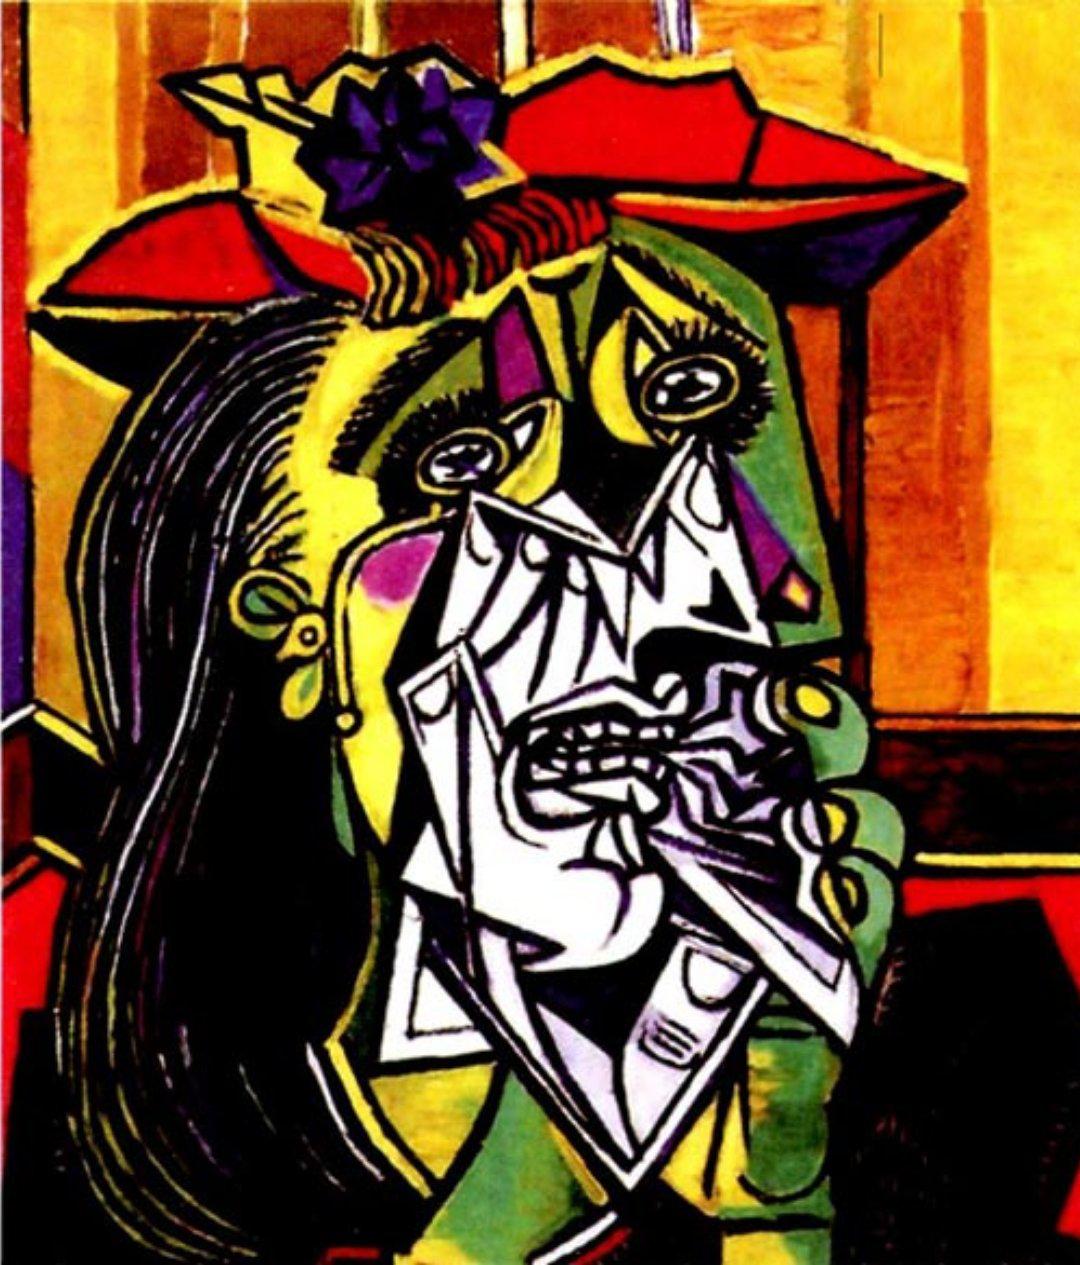 理顺撕裂的绘画艺术价值判断系统现当代艺术中的民粹主义思潮批判